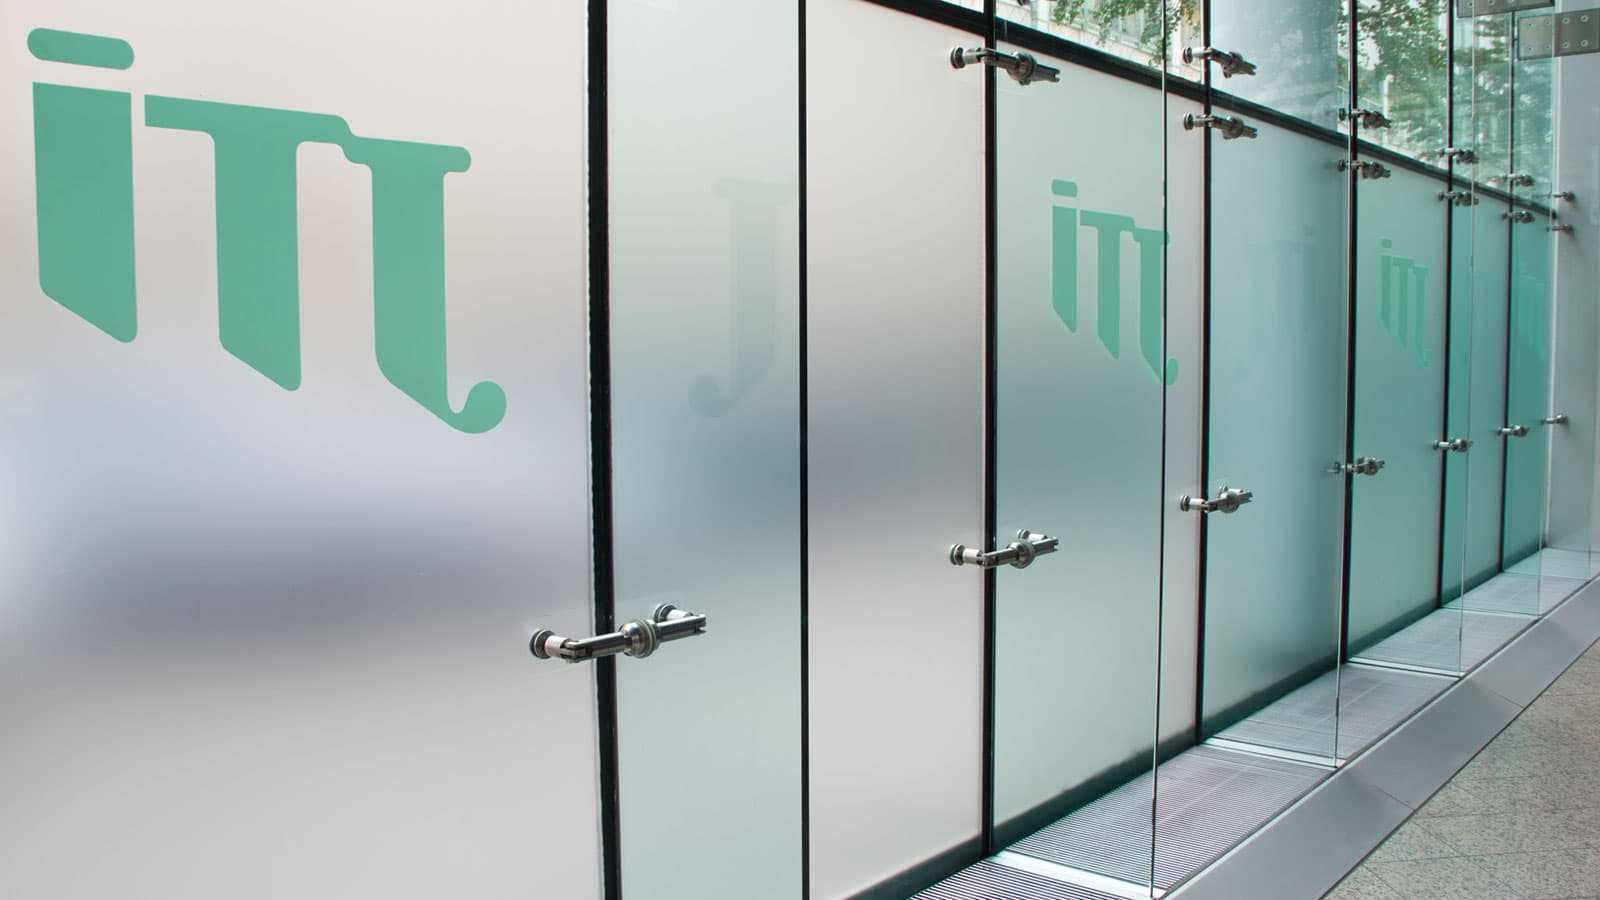 Folienklebung Glasmarkierung Sichtschutzfolien Leitsystem JTI